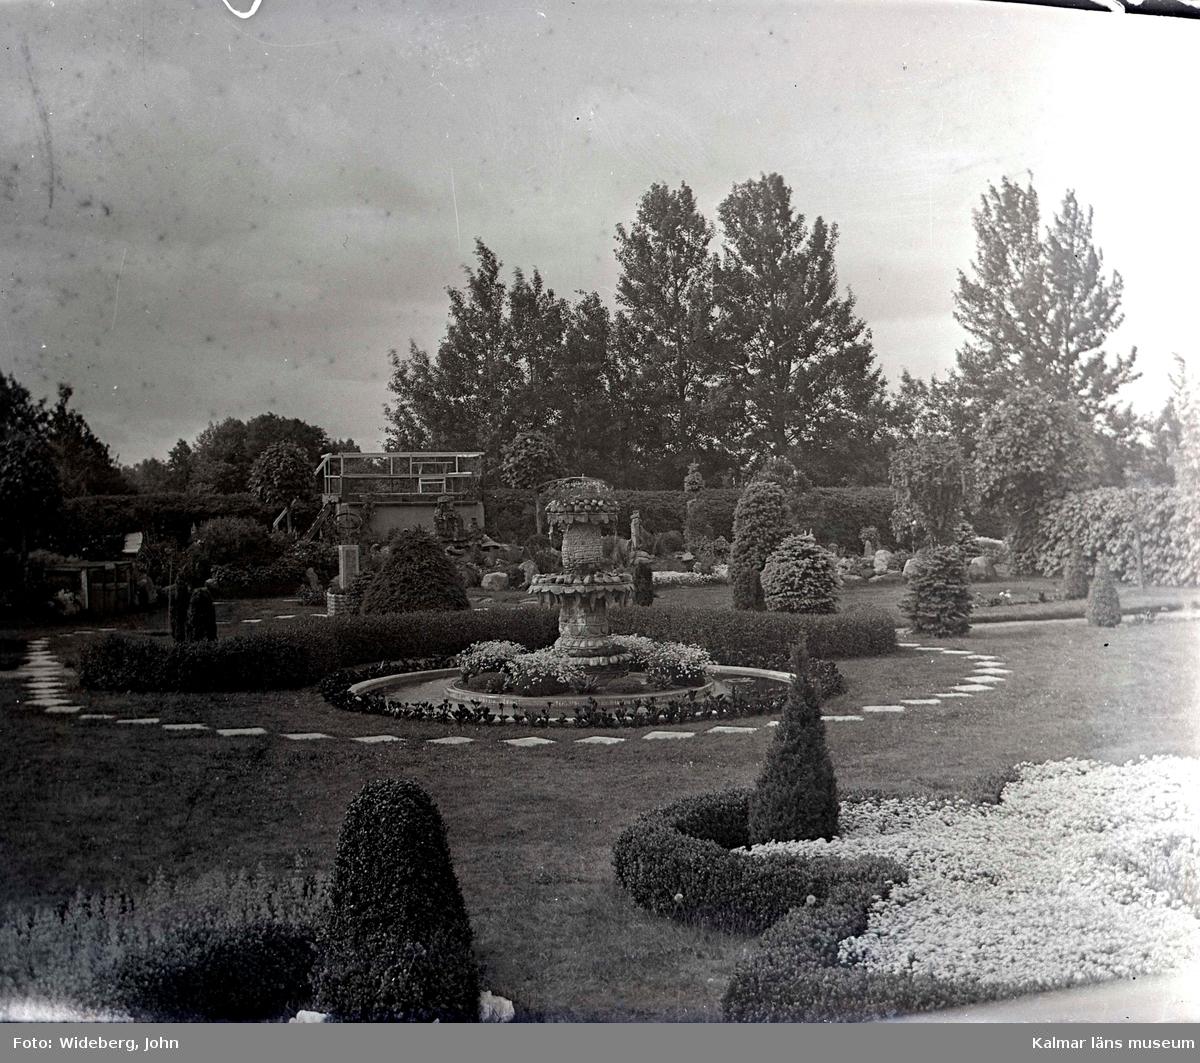 Utsiktsplatsen (södra delen) i Widebergs trädgård.  John Wideberg blev tidigt intresserad av trädgårdsanläggningar. Han hade sannolikt hämtat inspiration på resor han gjort till Stockholmsutställningen 1897 och till Göteborg 1923. Han blev också vän med stadsträdgårdsmästaren Haglund i Kalmar. John hade palmer i potatiskällaren under huset och påfåglar, ekorrar och pärlhöns som övervintrade i hönshuset. En papegoja och en sköldpadda fick tillbringa vintrarna inne i köket. Runt trädgården planterade han skyddande häckar. Arbetet påbörjades redan när han var 18 år med att han hämtade åtta granar i skogen, och planterade dem i en ring mitt i trädgården. Dessa finns kvar än idag. I slutet av 1930-talet arrenderades jordbruket ut och John kunde ägna sig på heltid åt trädgården, som blev alltmer av ett besöksmål. John började ta inträde, 25 öre. John utvecklade också sin hobby som tavelmålare och som fotograf. Han tog med sin lådkamera under årens lopp hundratals vackra bilder från trädgården, liksom på vyer, hus och människor i takten. Ca 500 av dessa bilder finns bevarade som glasplåtar, skänkta till Kalmar läns museum.